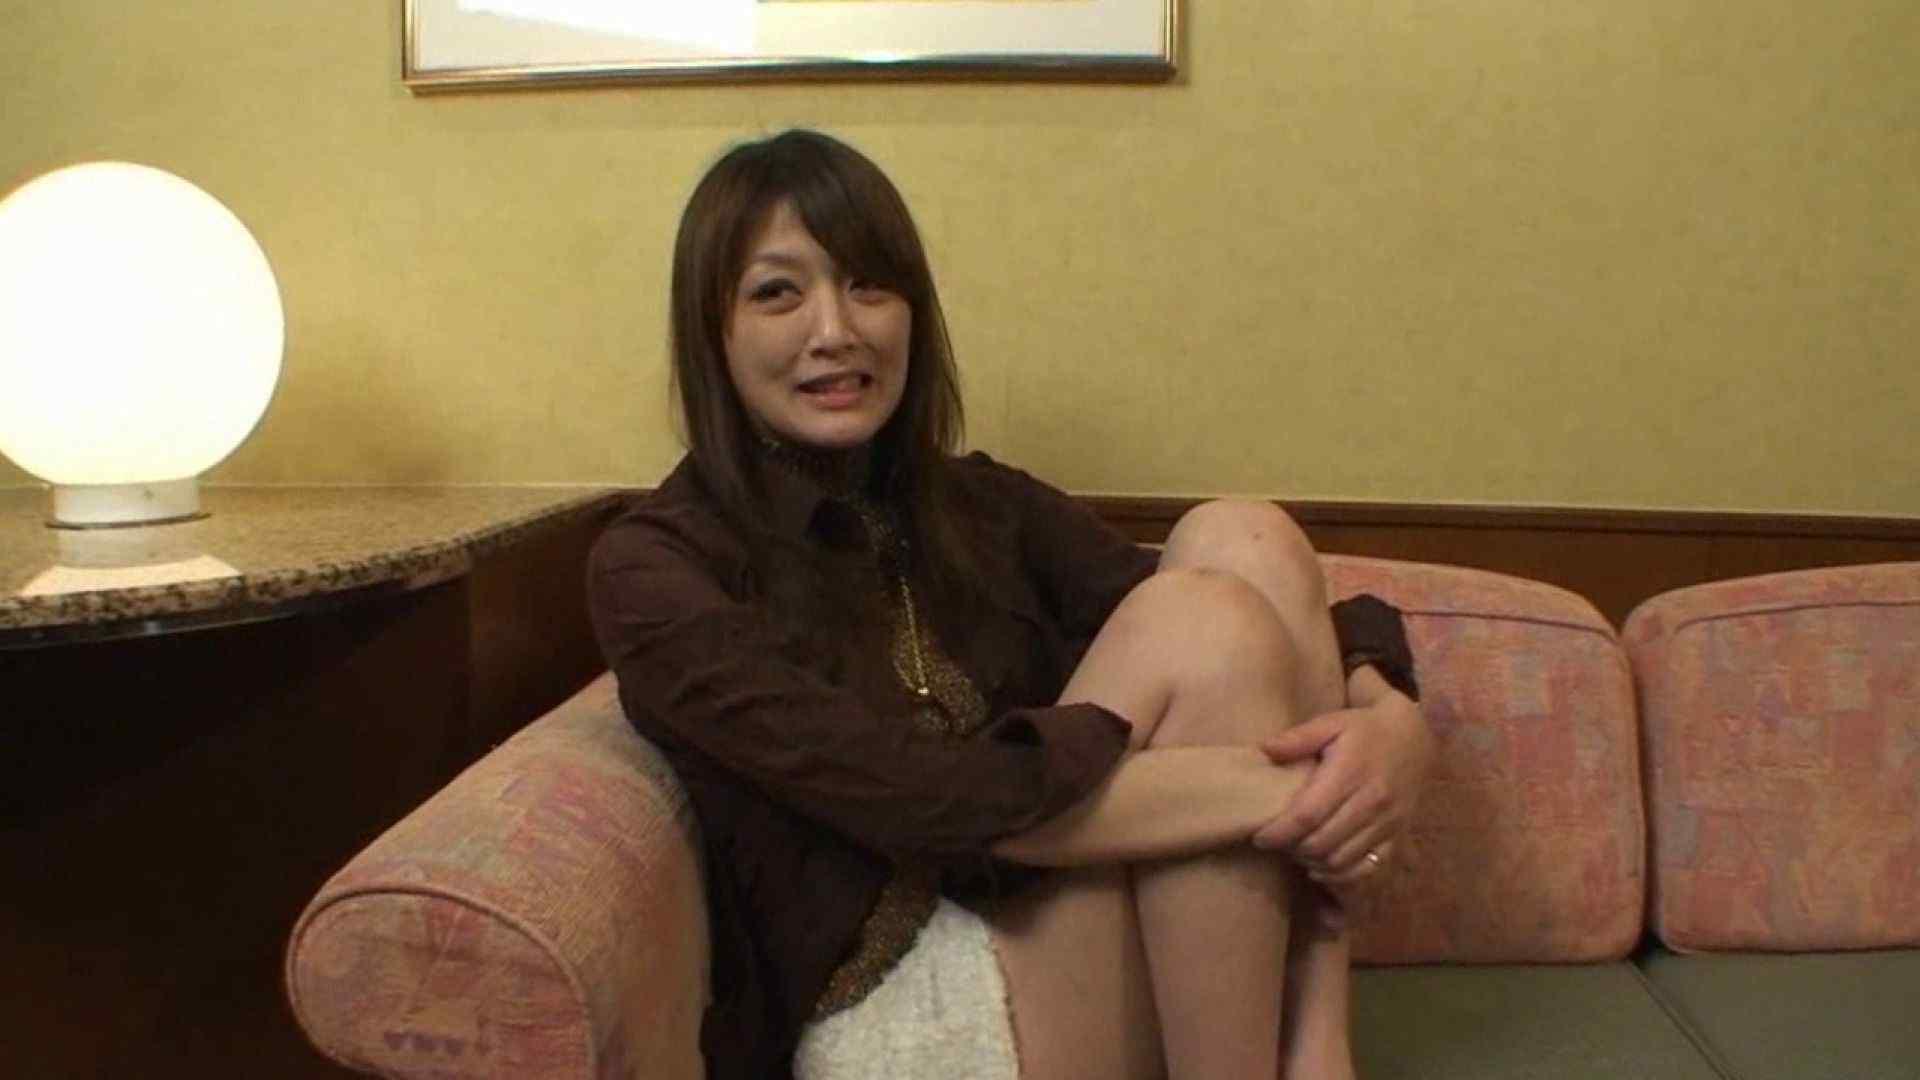 S級厳選美女ビッチガールVol.03 美女ヌード   ギャルヌード  80画像 41